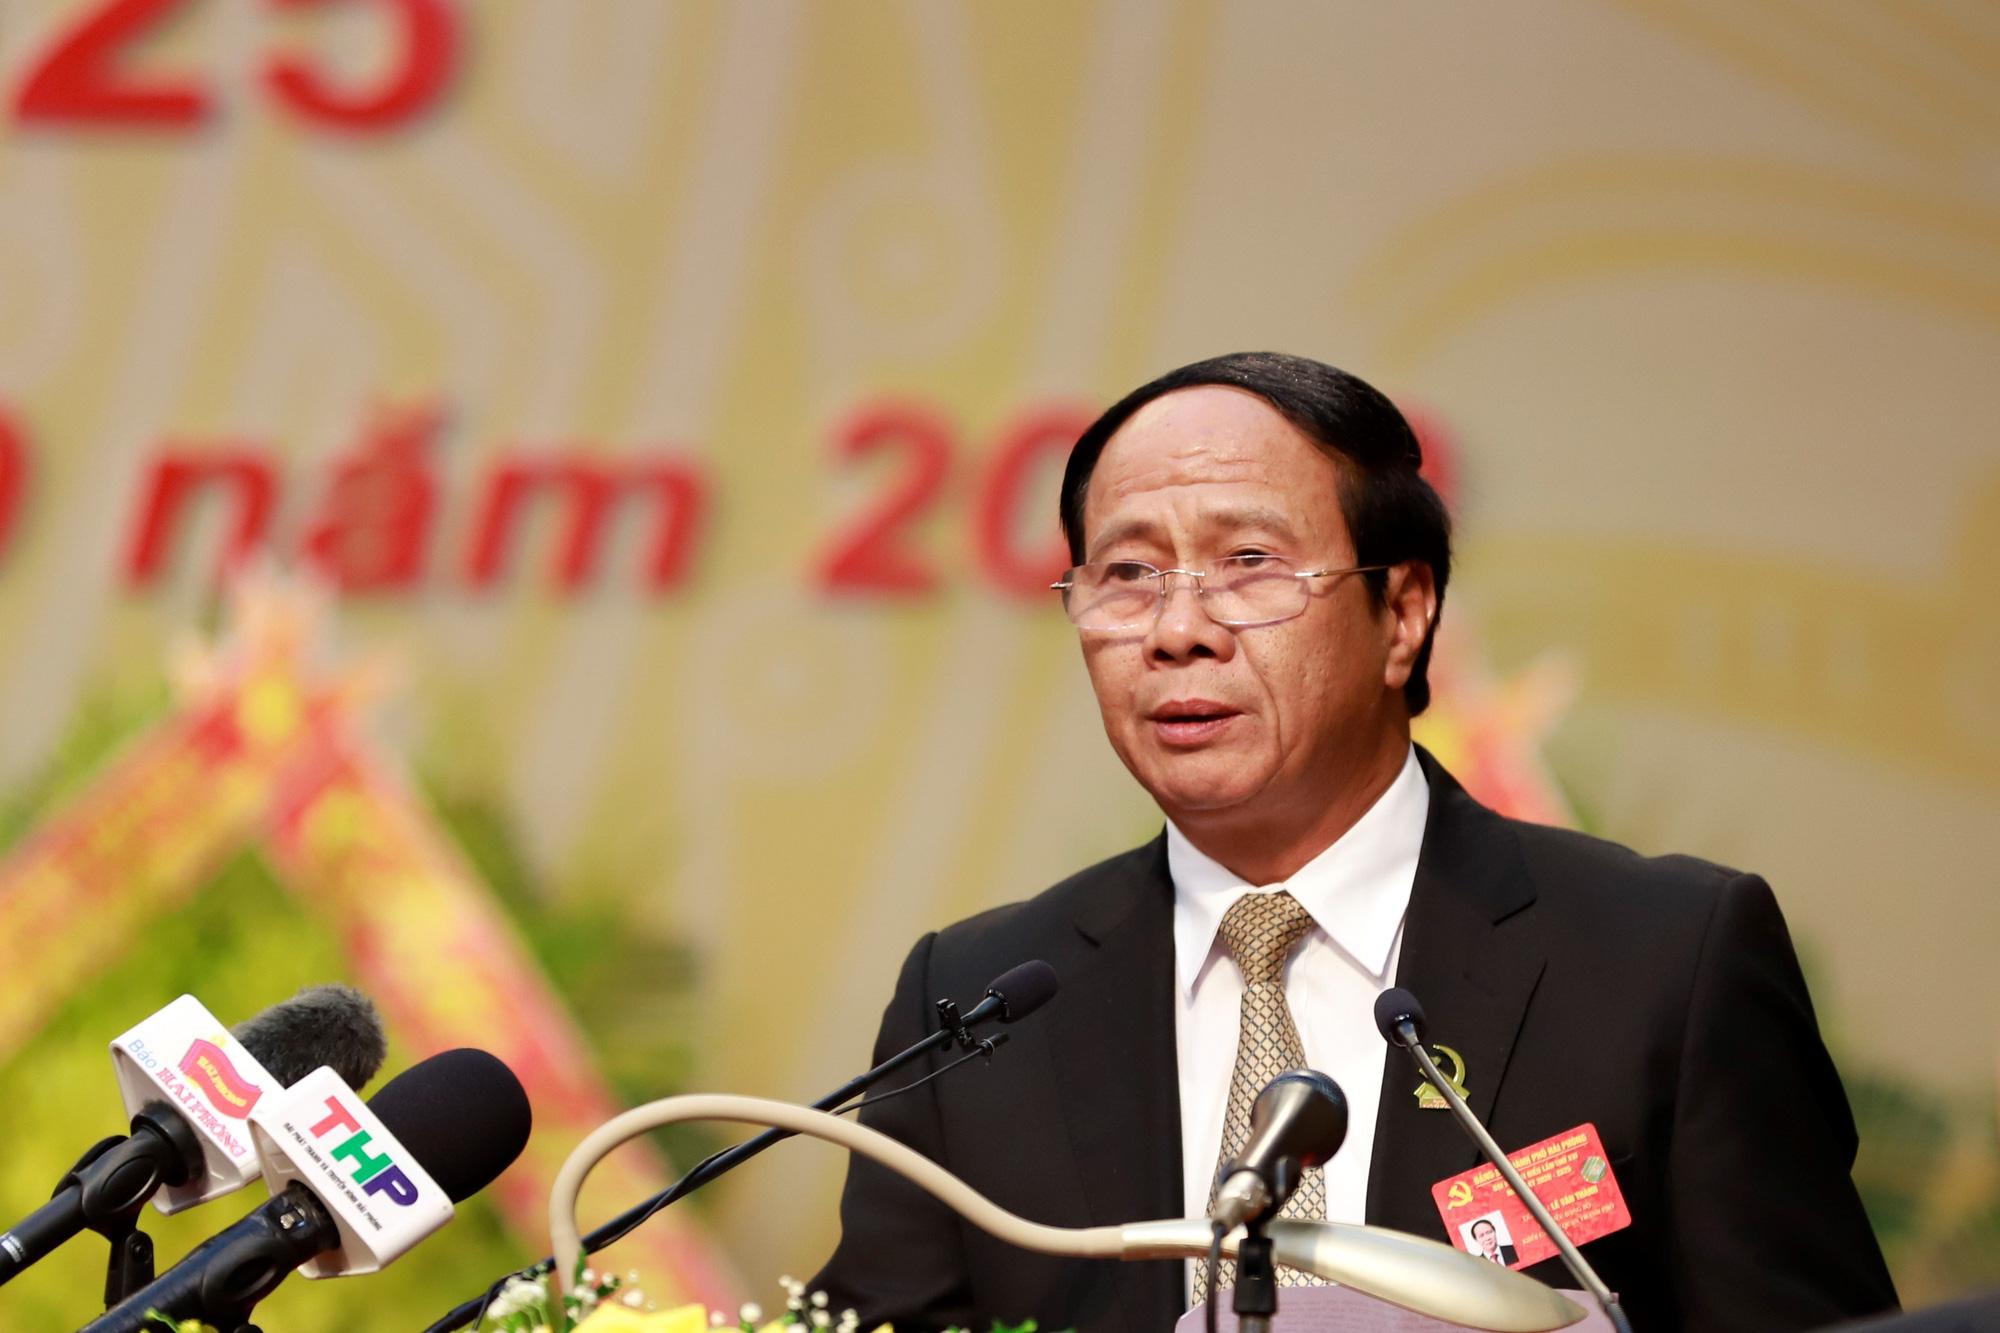 Ông Lê Văn Thành tái đắc cử Bí thư Thành ủy Hải Phòng - Báo Người lao động